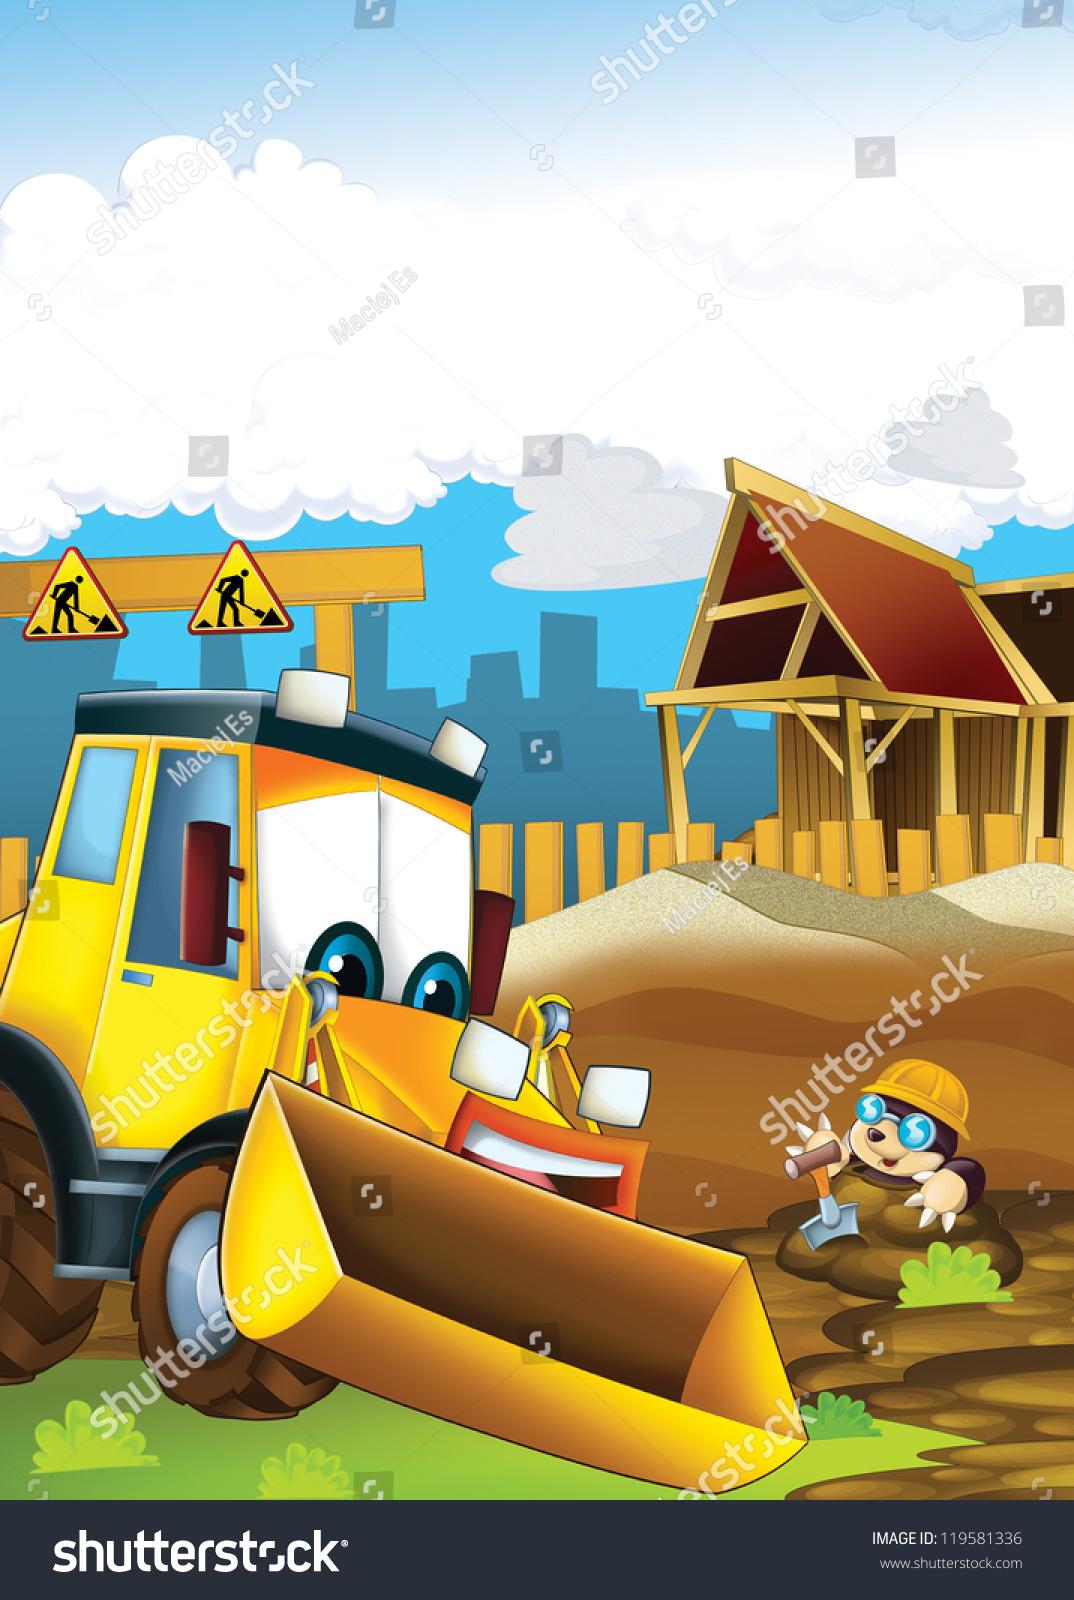 cartoon digger illustration children stock illustration 119581336